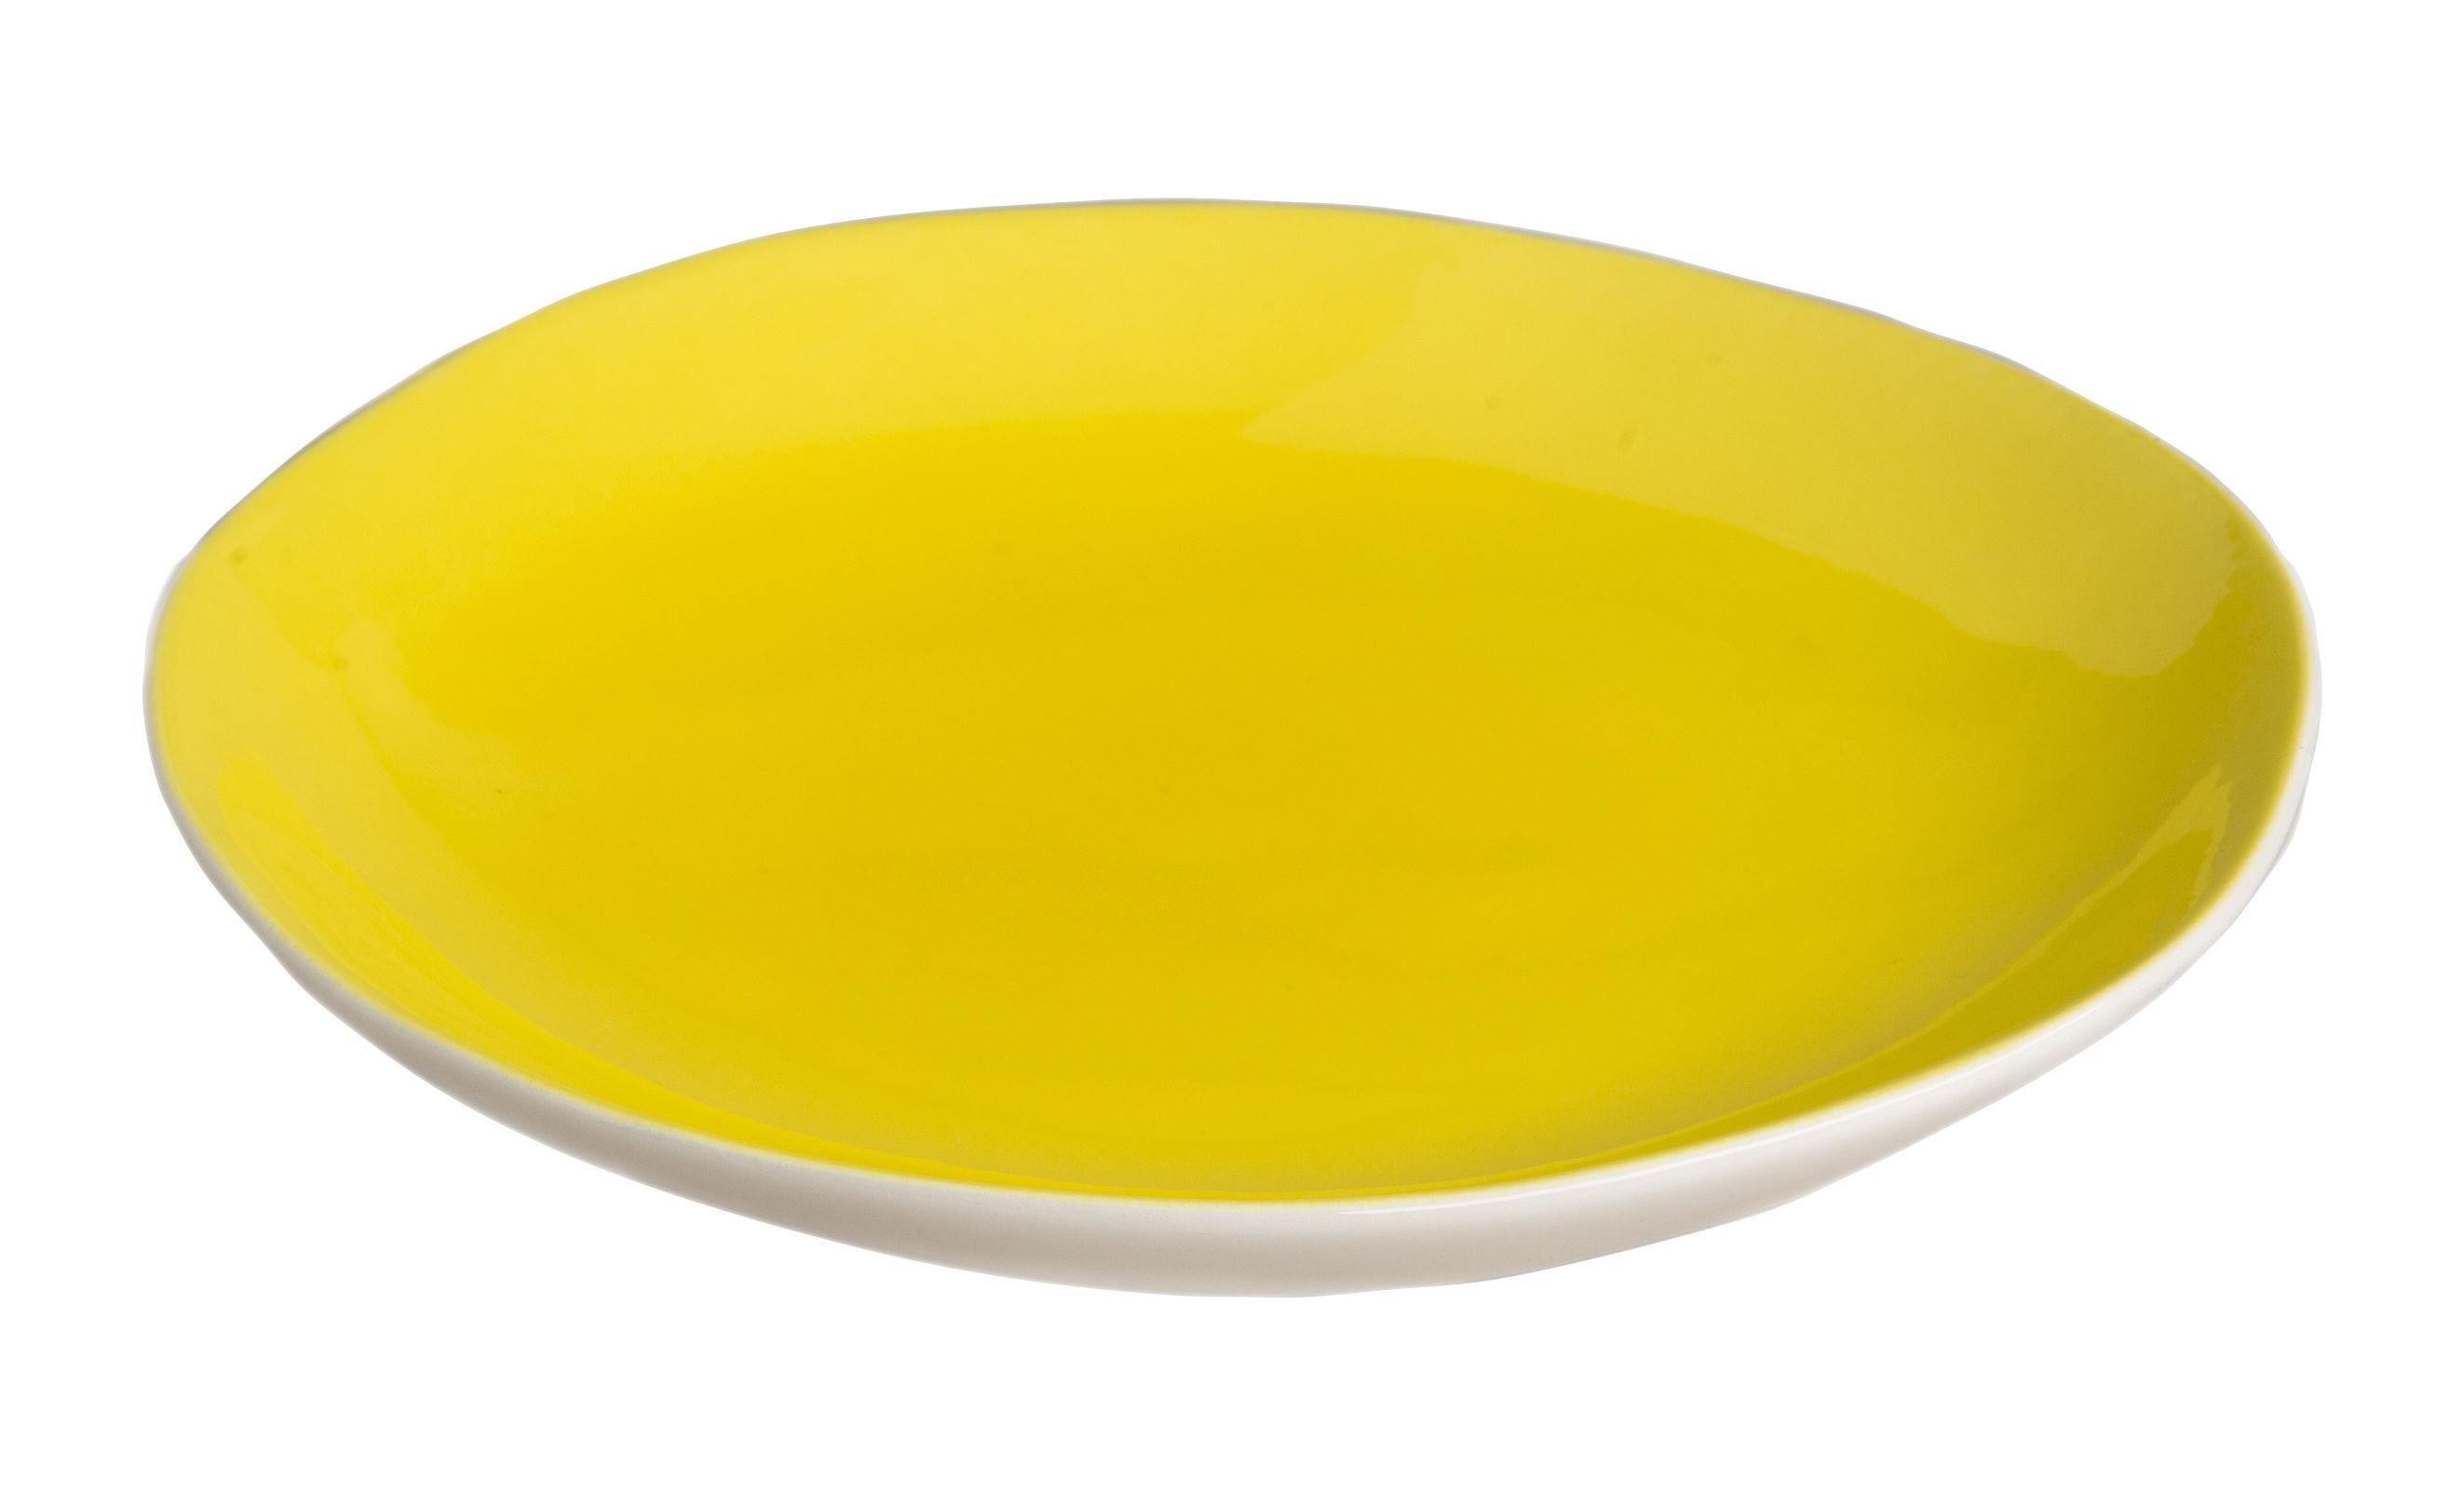 Tischkultur - Teller - Bazelaire Dessertteller Ø 19 cm - emaillierte Fayence-Keramik - Sentou Edition - Gelb - emaillierte Fayence